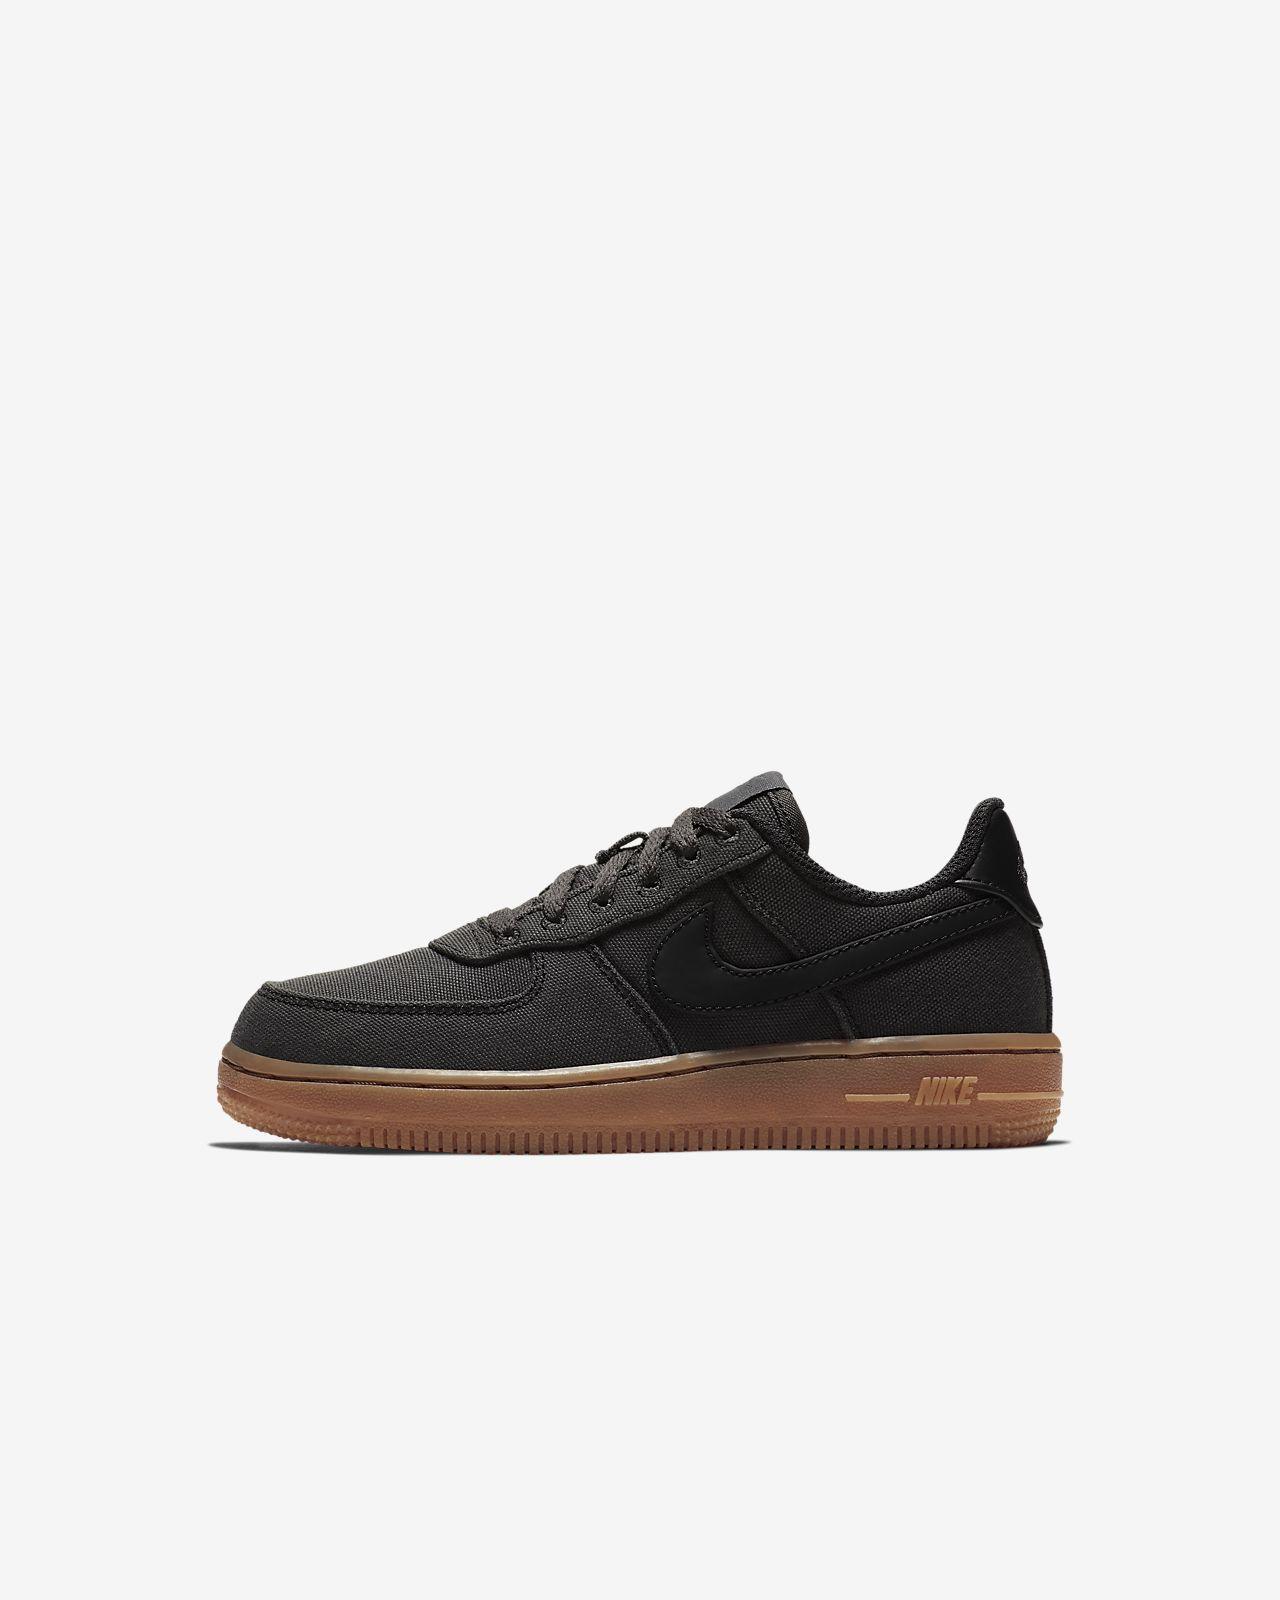 Buty dla małych dzieci Nike Air Force 1 LV8 Style